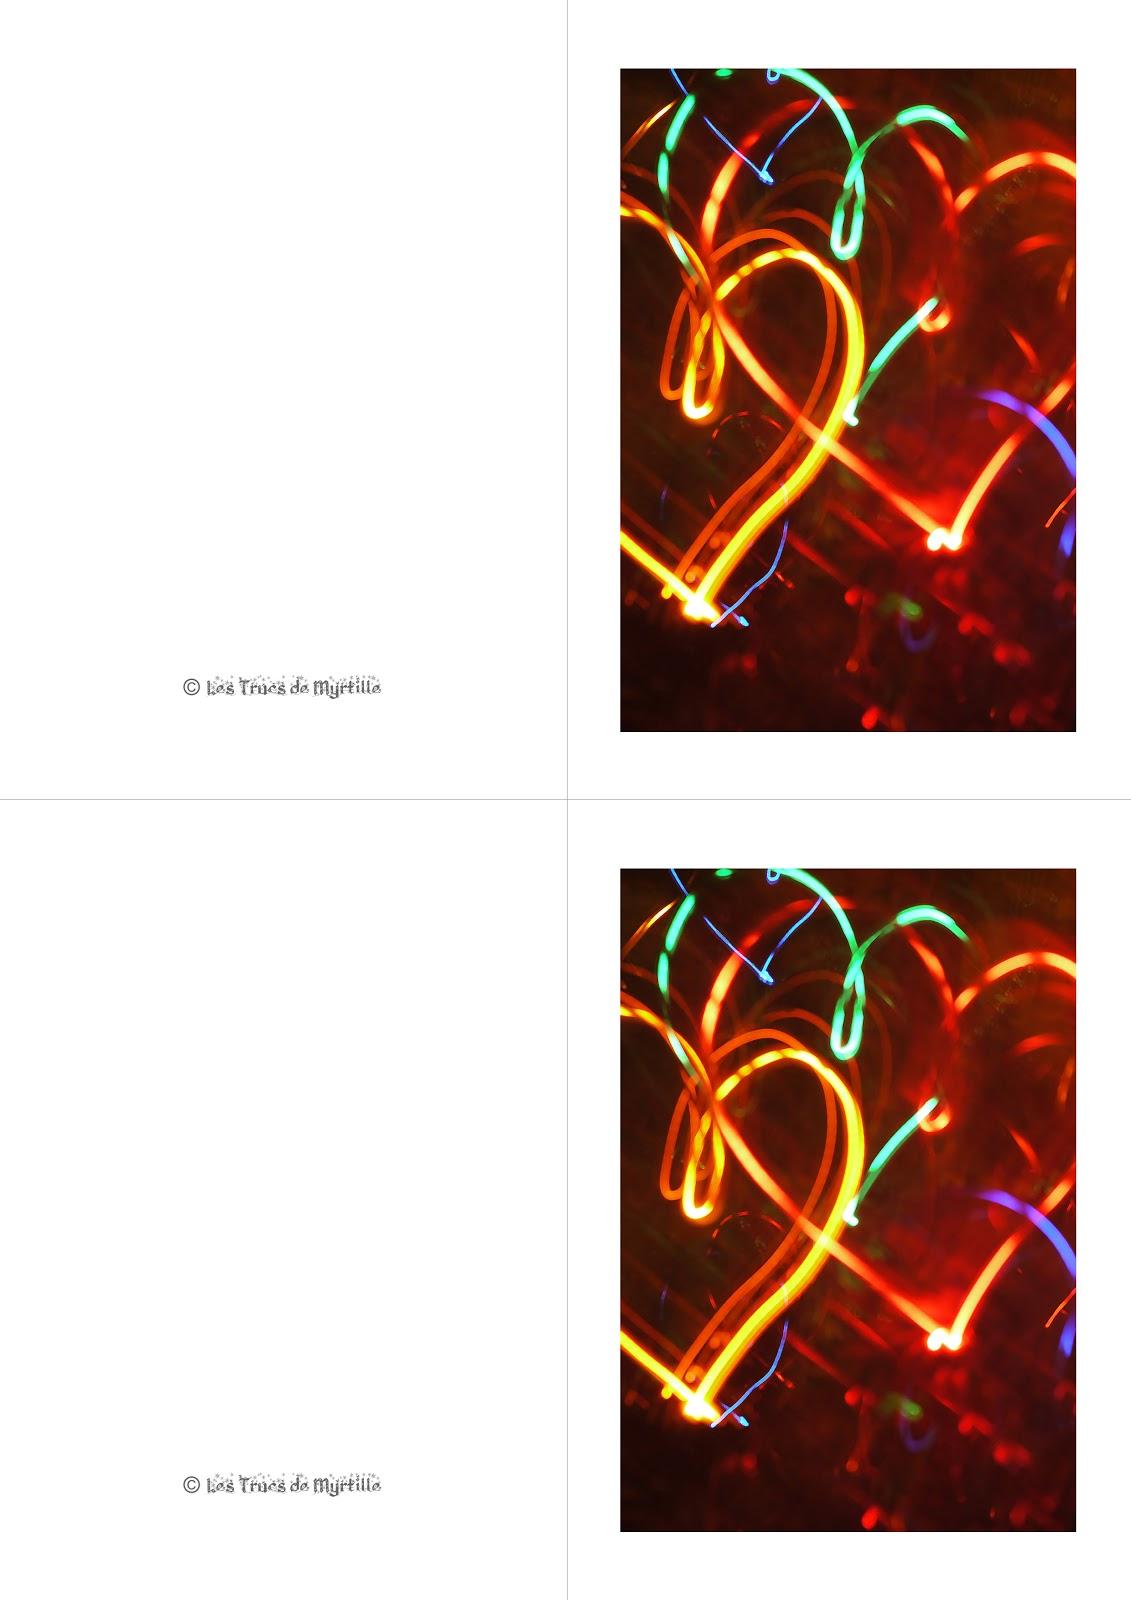 Les trucs de myrtille cartes de voeux imprimer 2 diy Imprimer carte de voeux